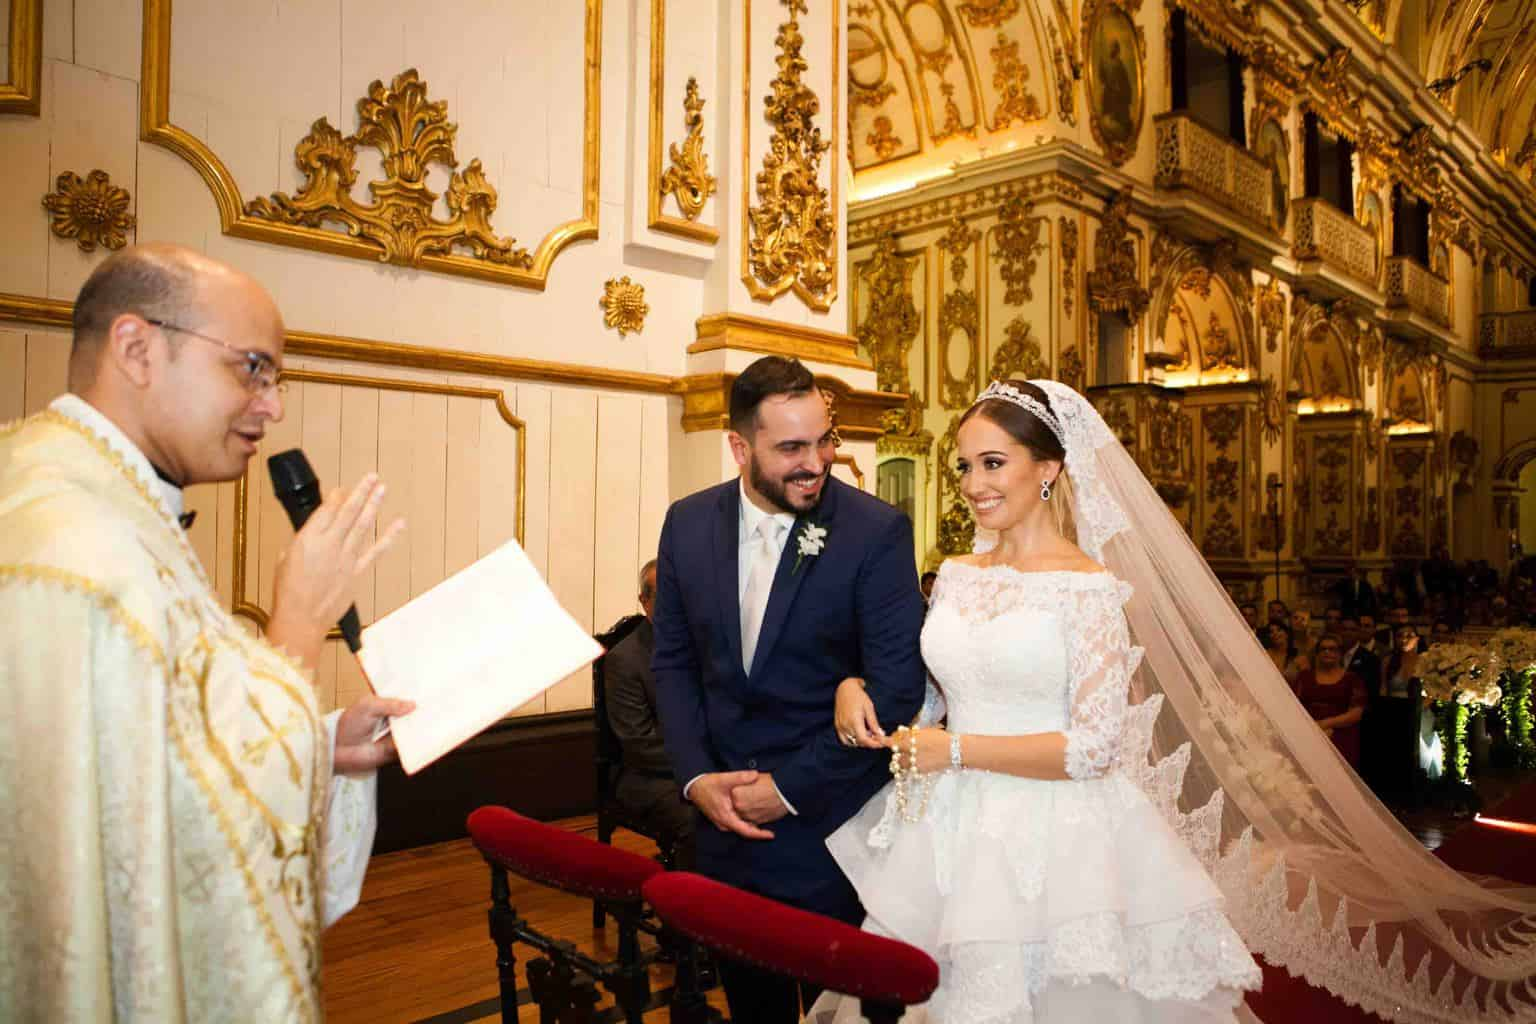 Casamento-Clássico-Casamento-tradicional-Cerimônia-Copacabana-Palace-Monica-Roias-Ribas-Foto-e-Vídeo-Tuanny-e-Bernardo-CaseMe-16